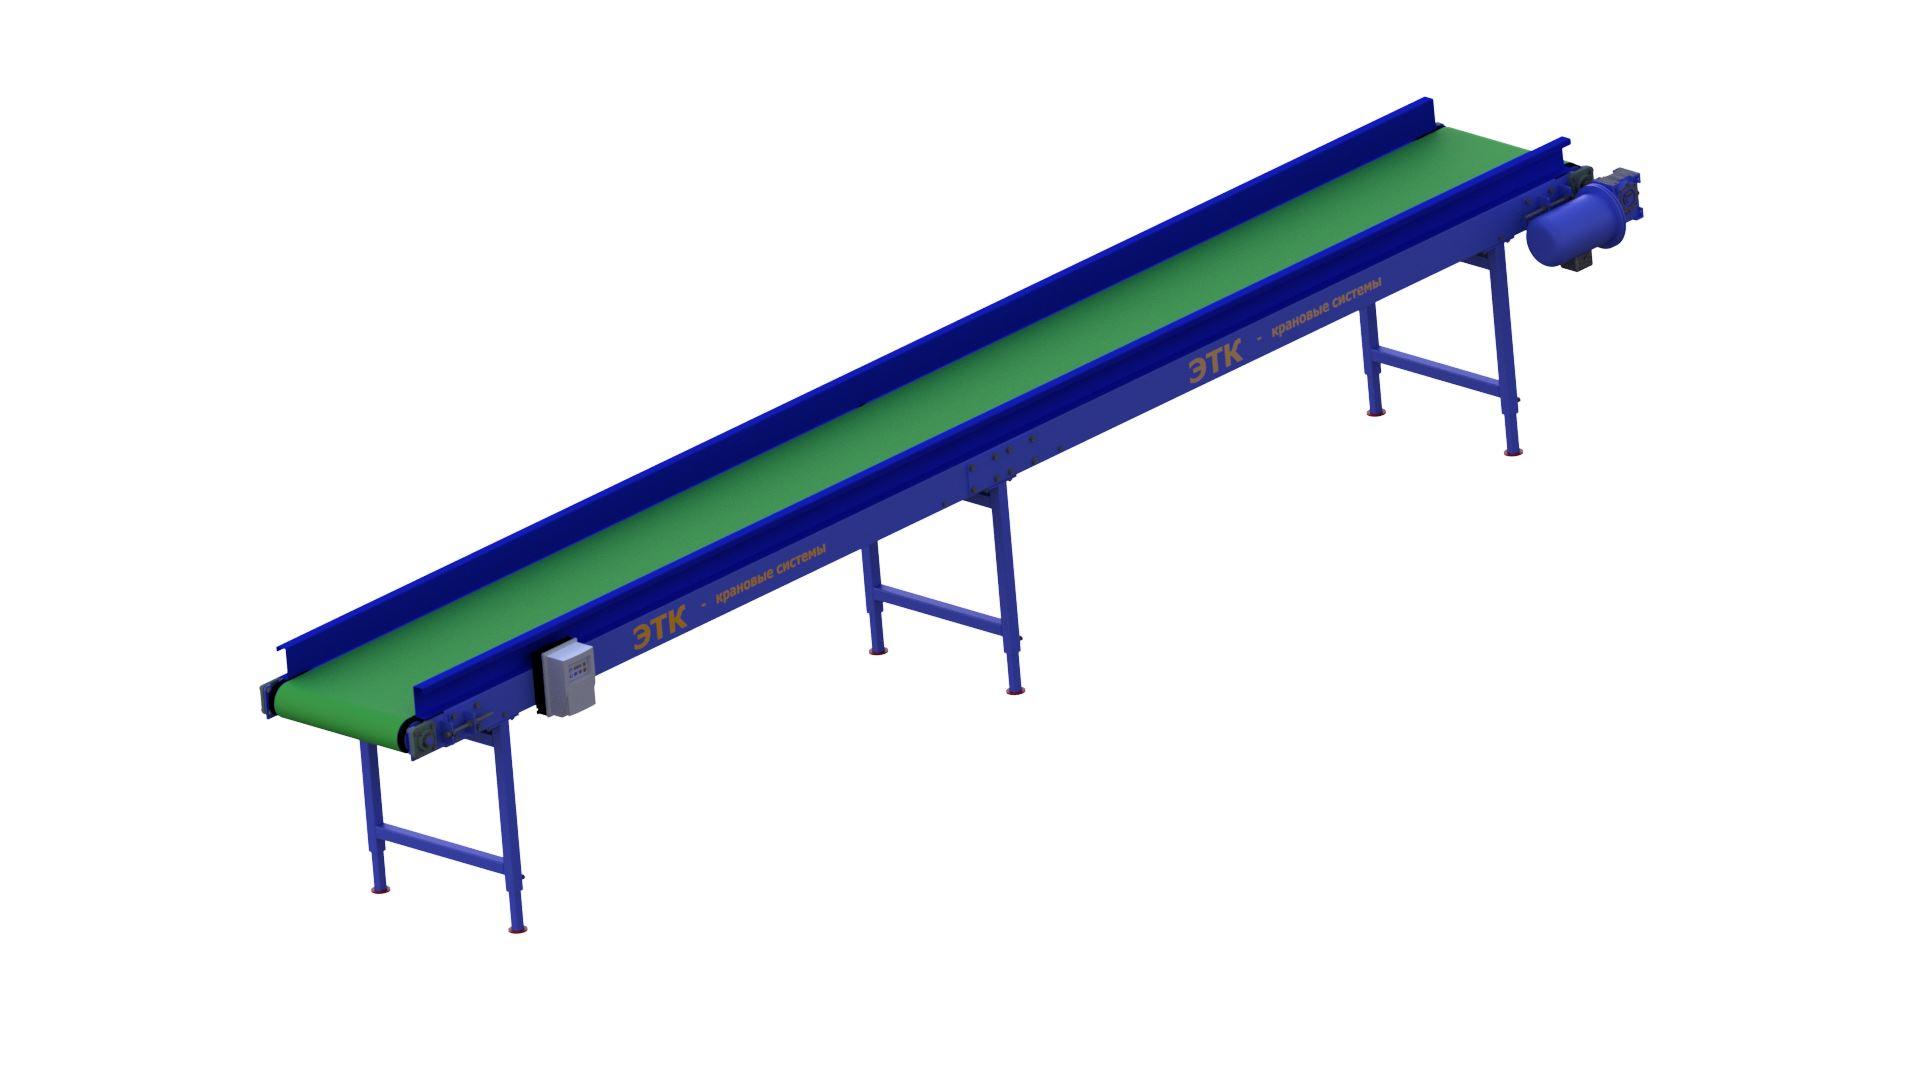 Ленточный горизонтальный конвейер оборудование для элеваторов в воронеже